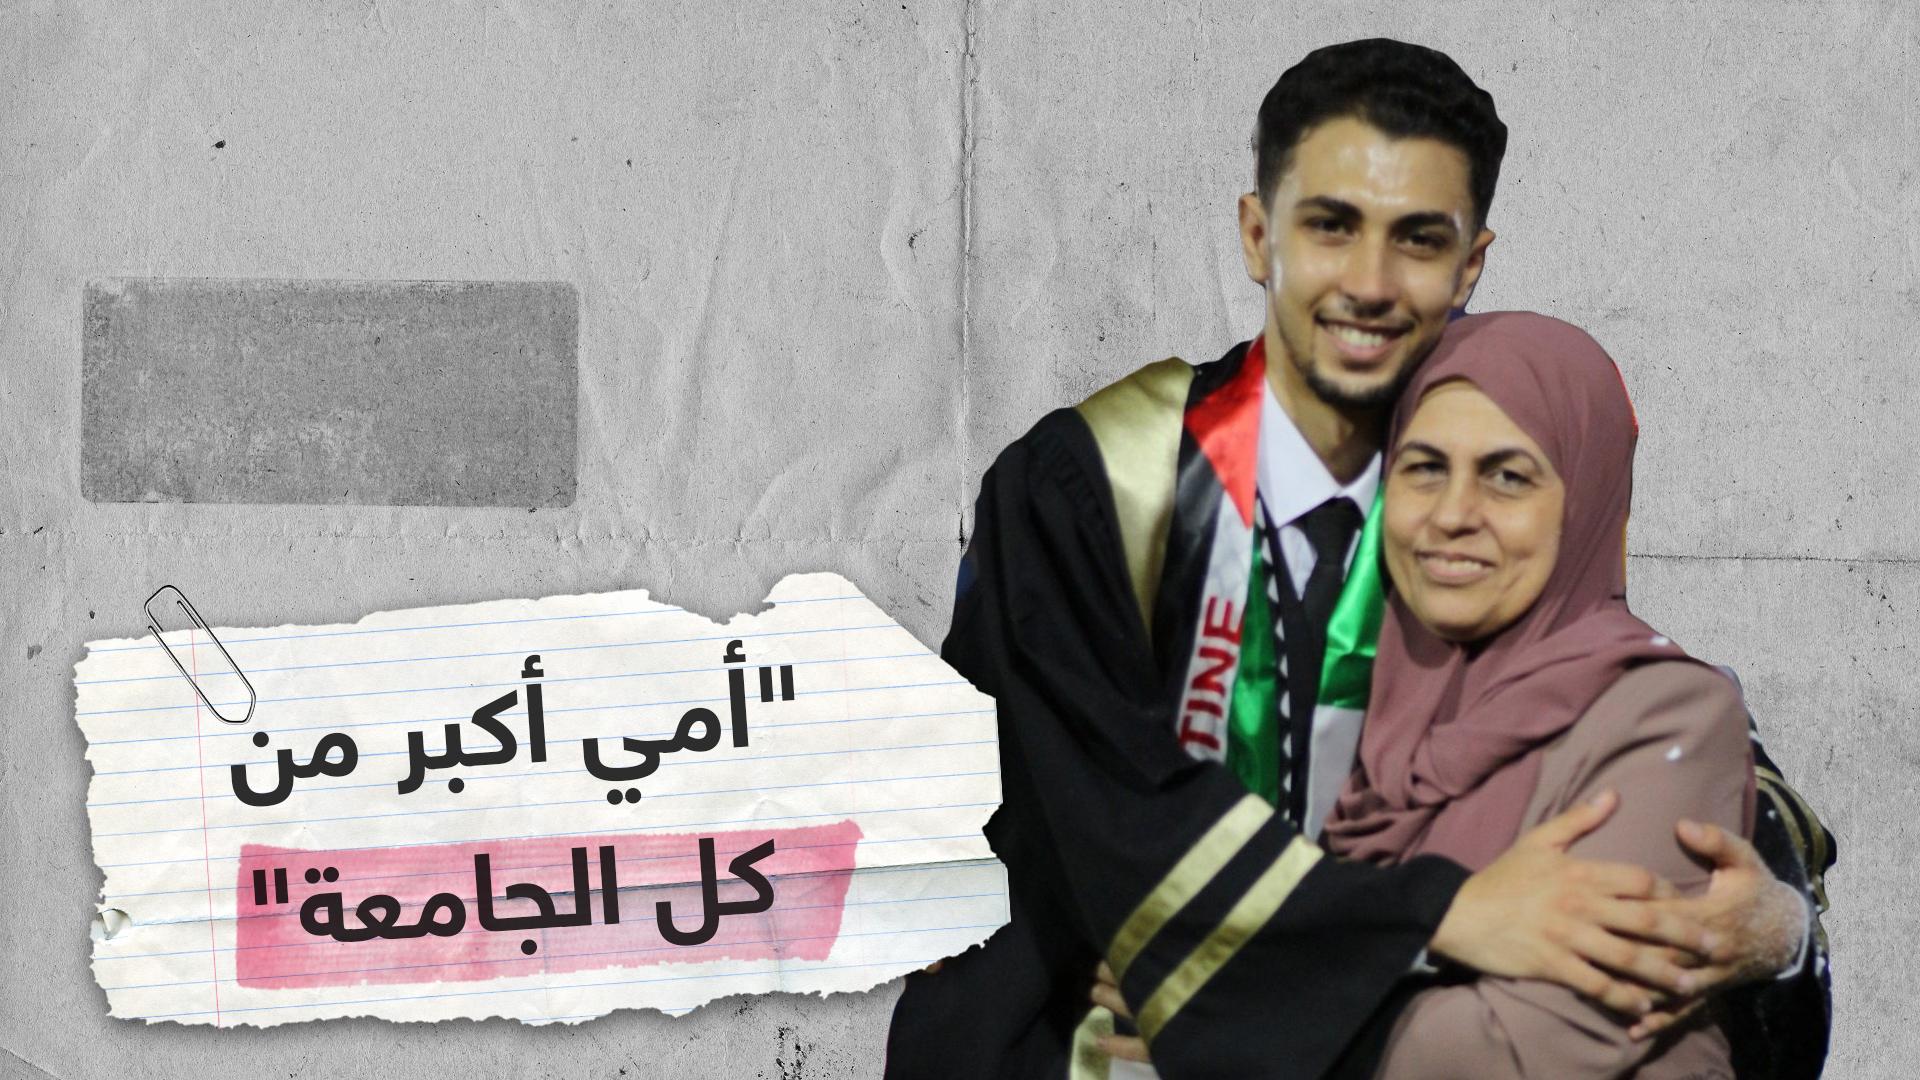 خريج فلسطيني يكرم والدته رغما عن منظمي حفل تخرجه